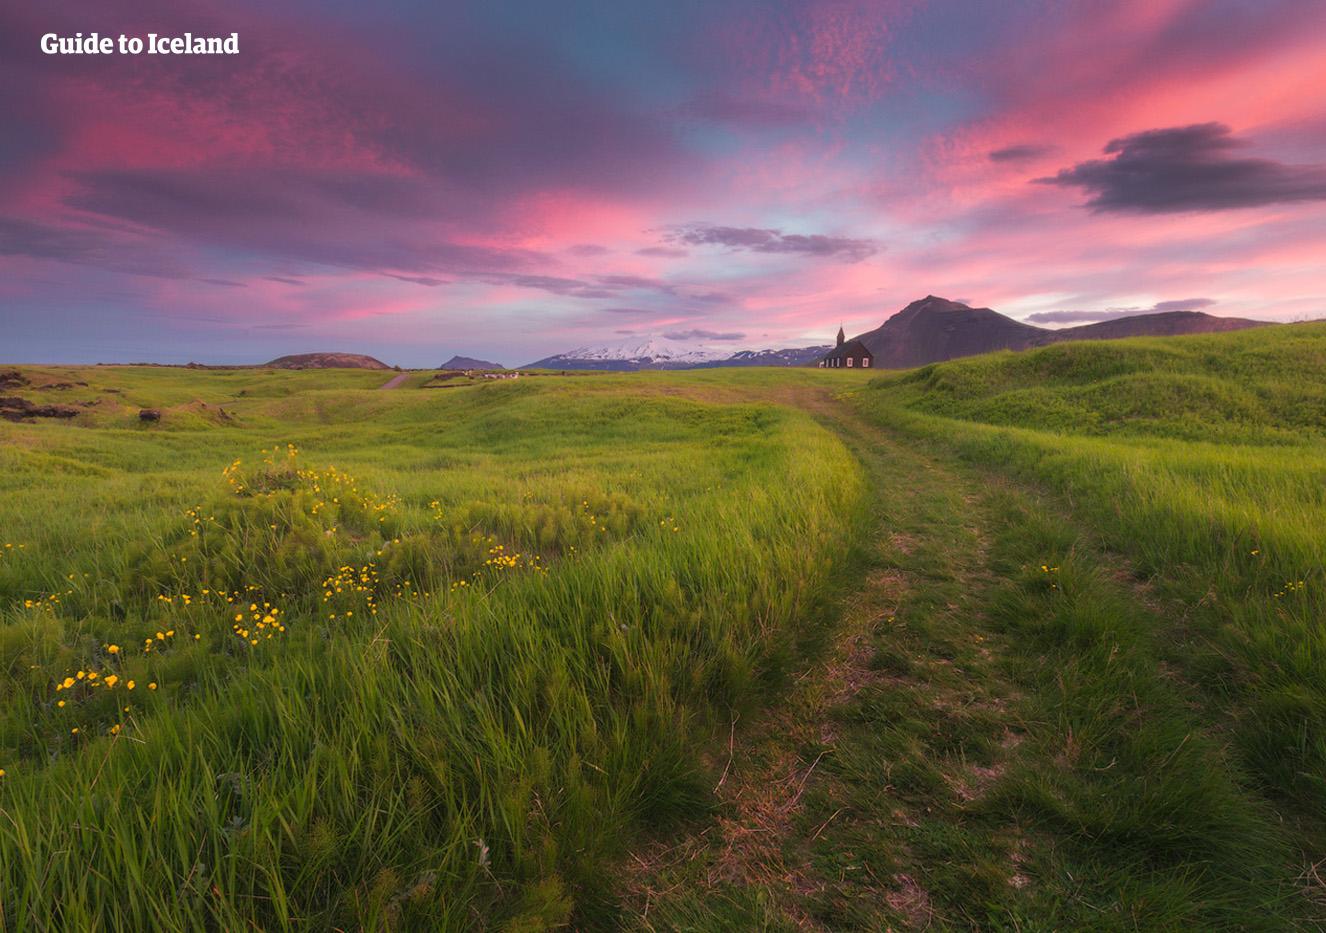 斯奈山半岛上的Buðir黑教堂与斯奈菲尔冰川都是冰岛必游景点。